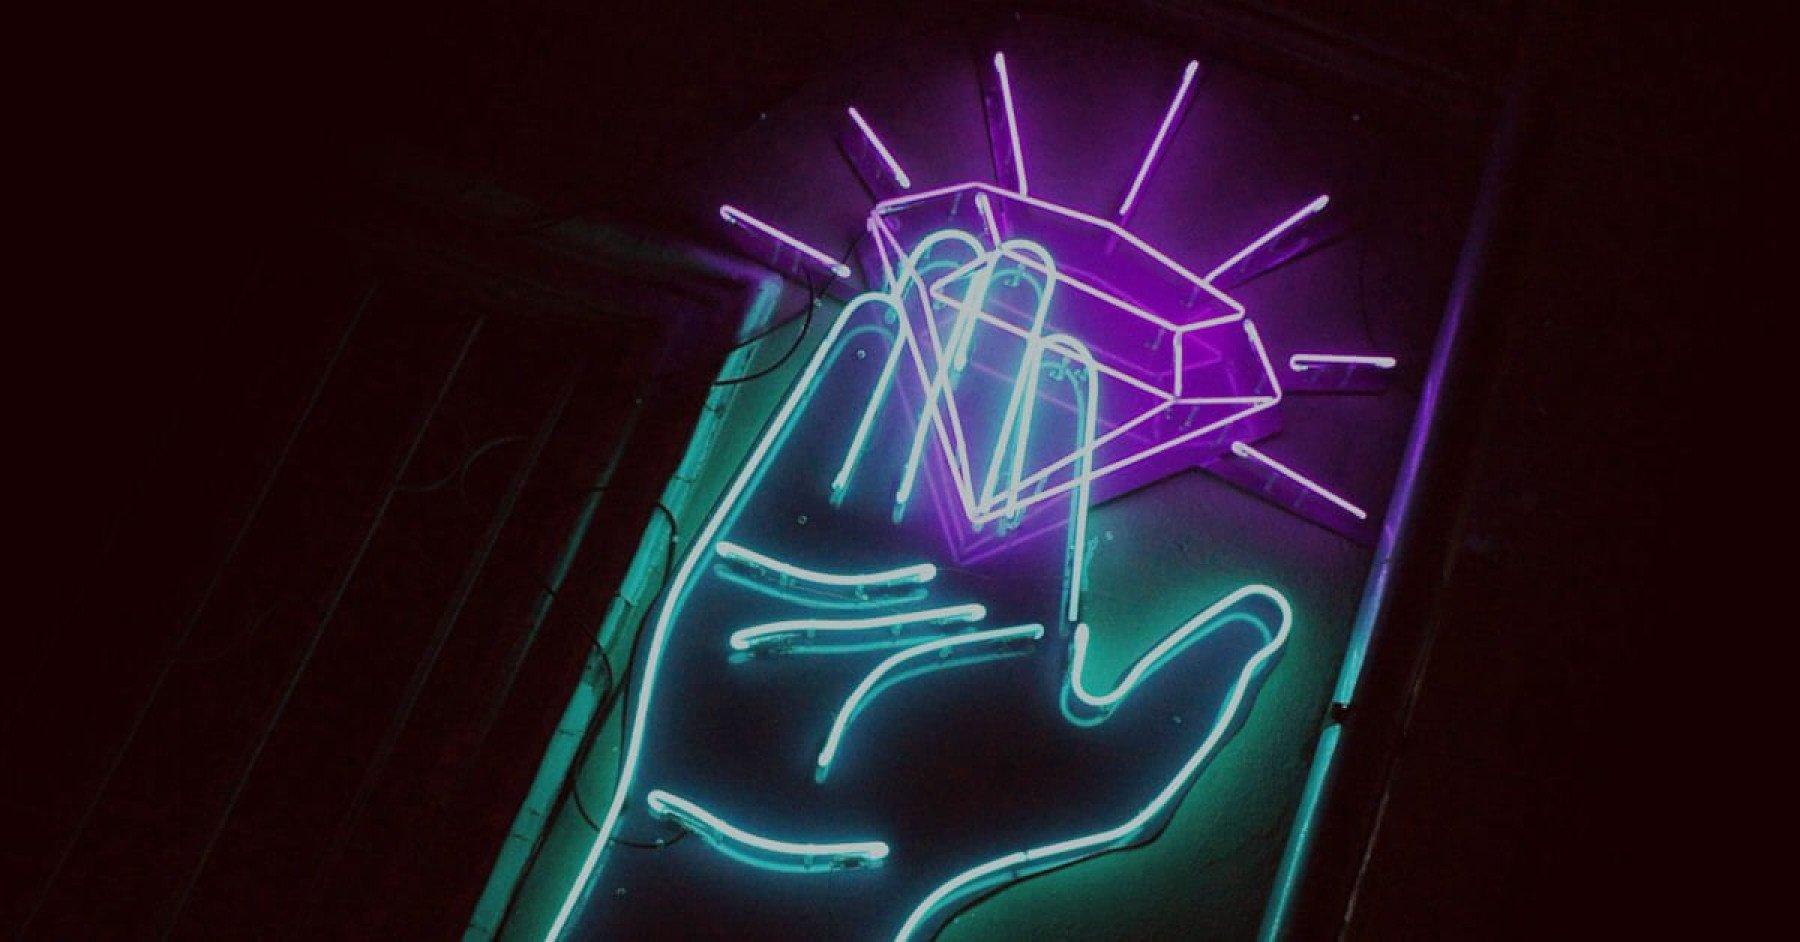 En neonskylt föreställer en hand som håller i en diamant